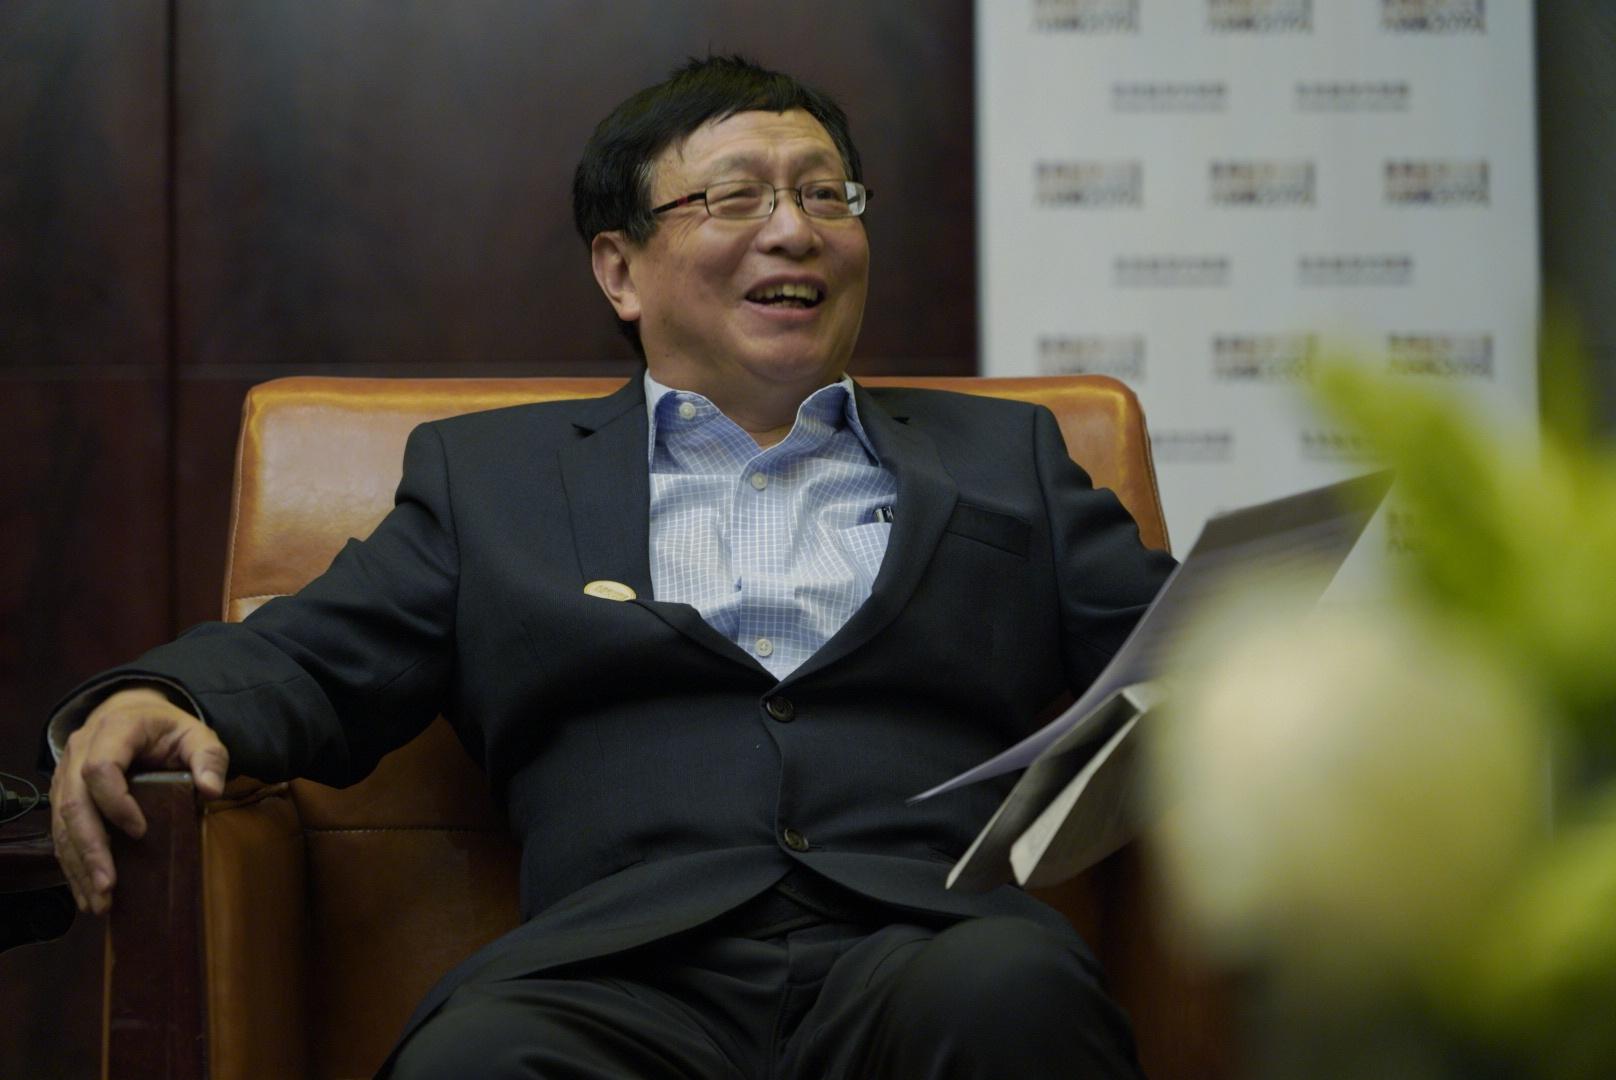 张益唐:面对媒体不再逃避,关心国足、AI【数学传奇人物】